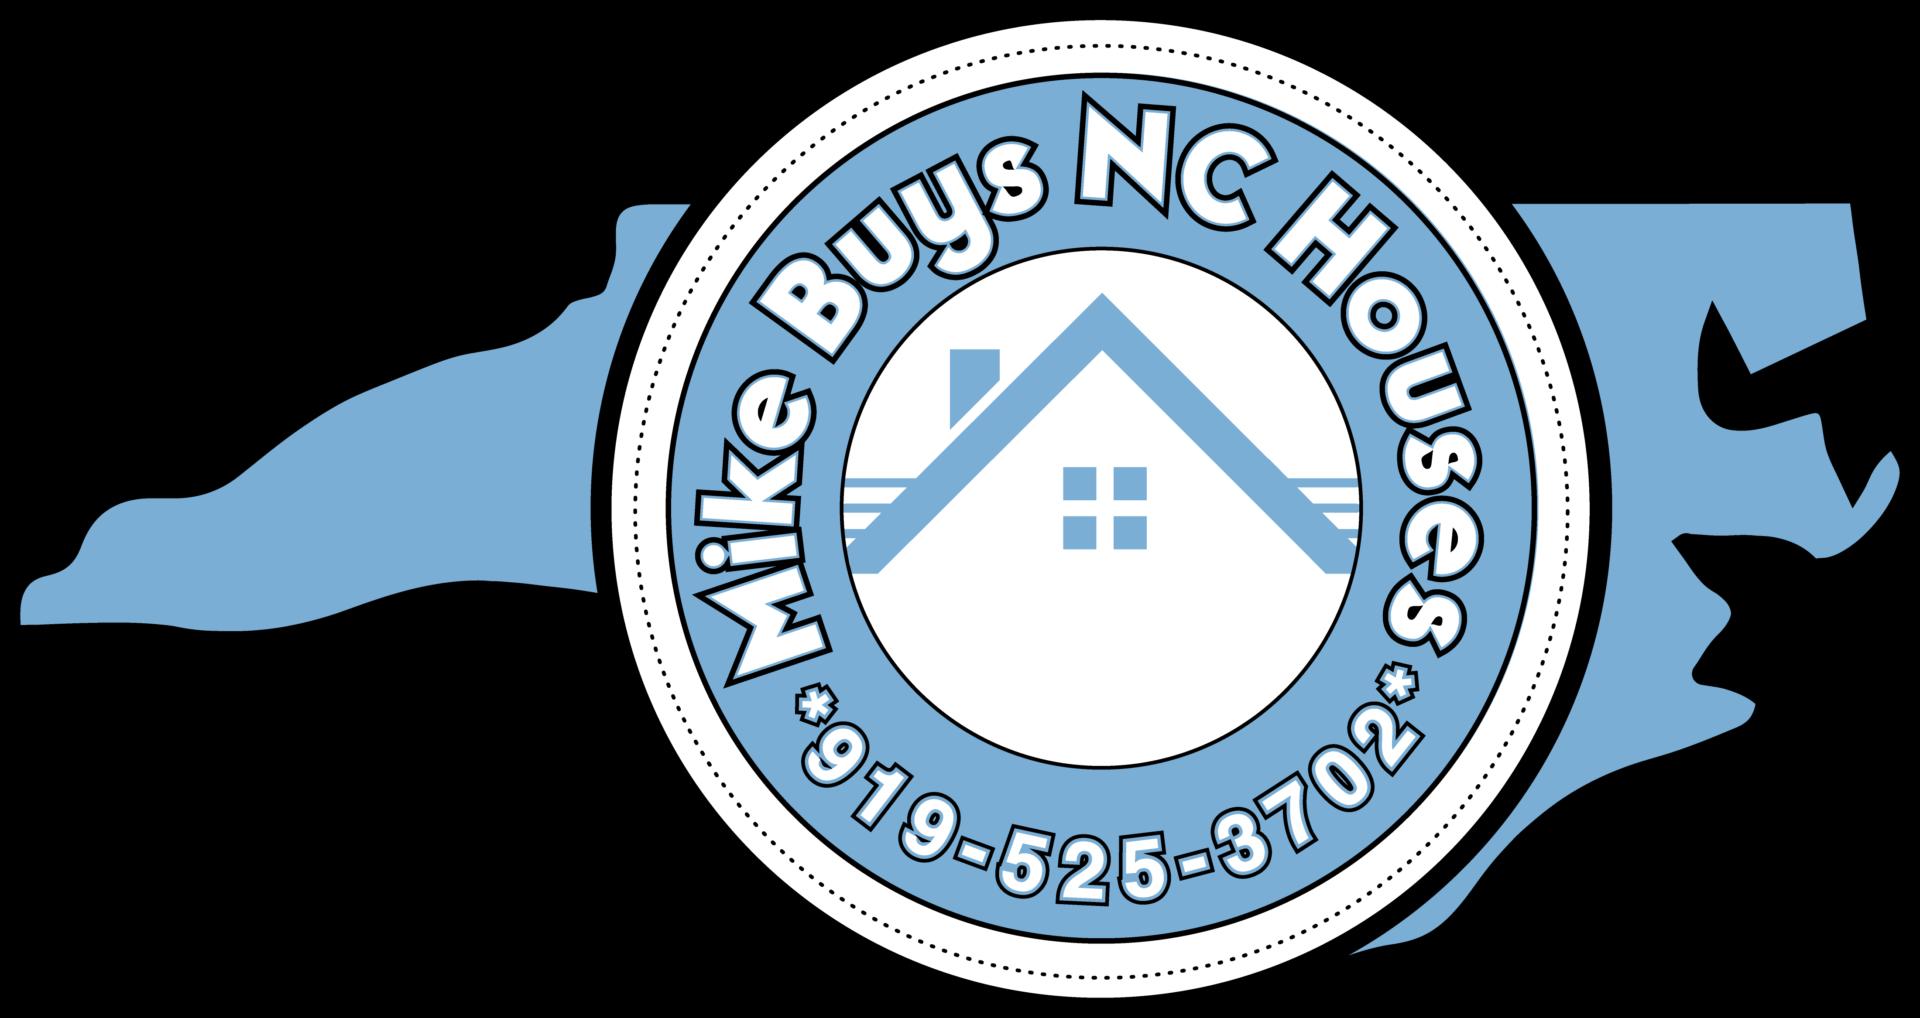 Mike Buys NC Houses logo